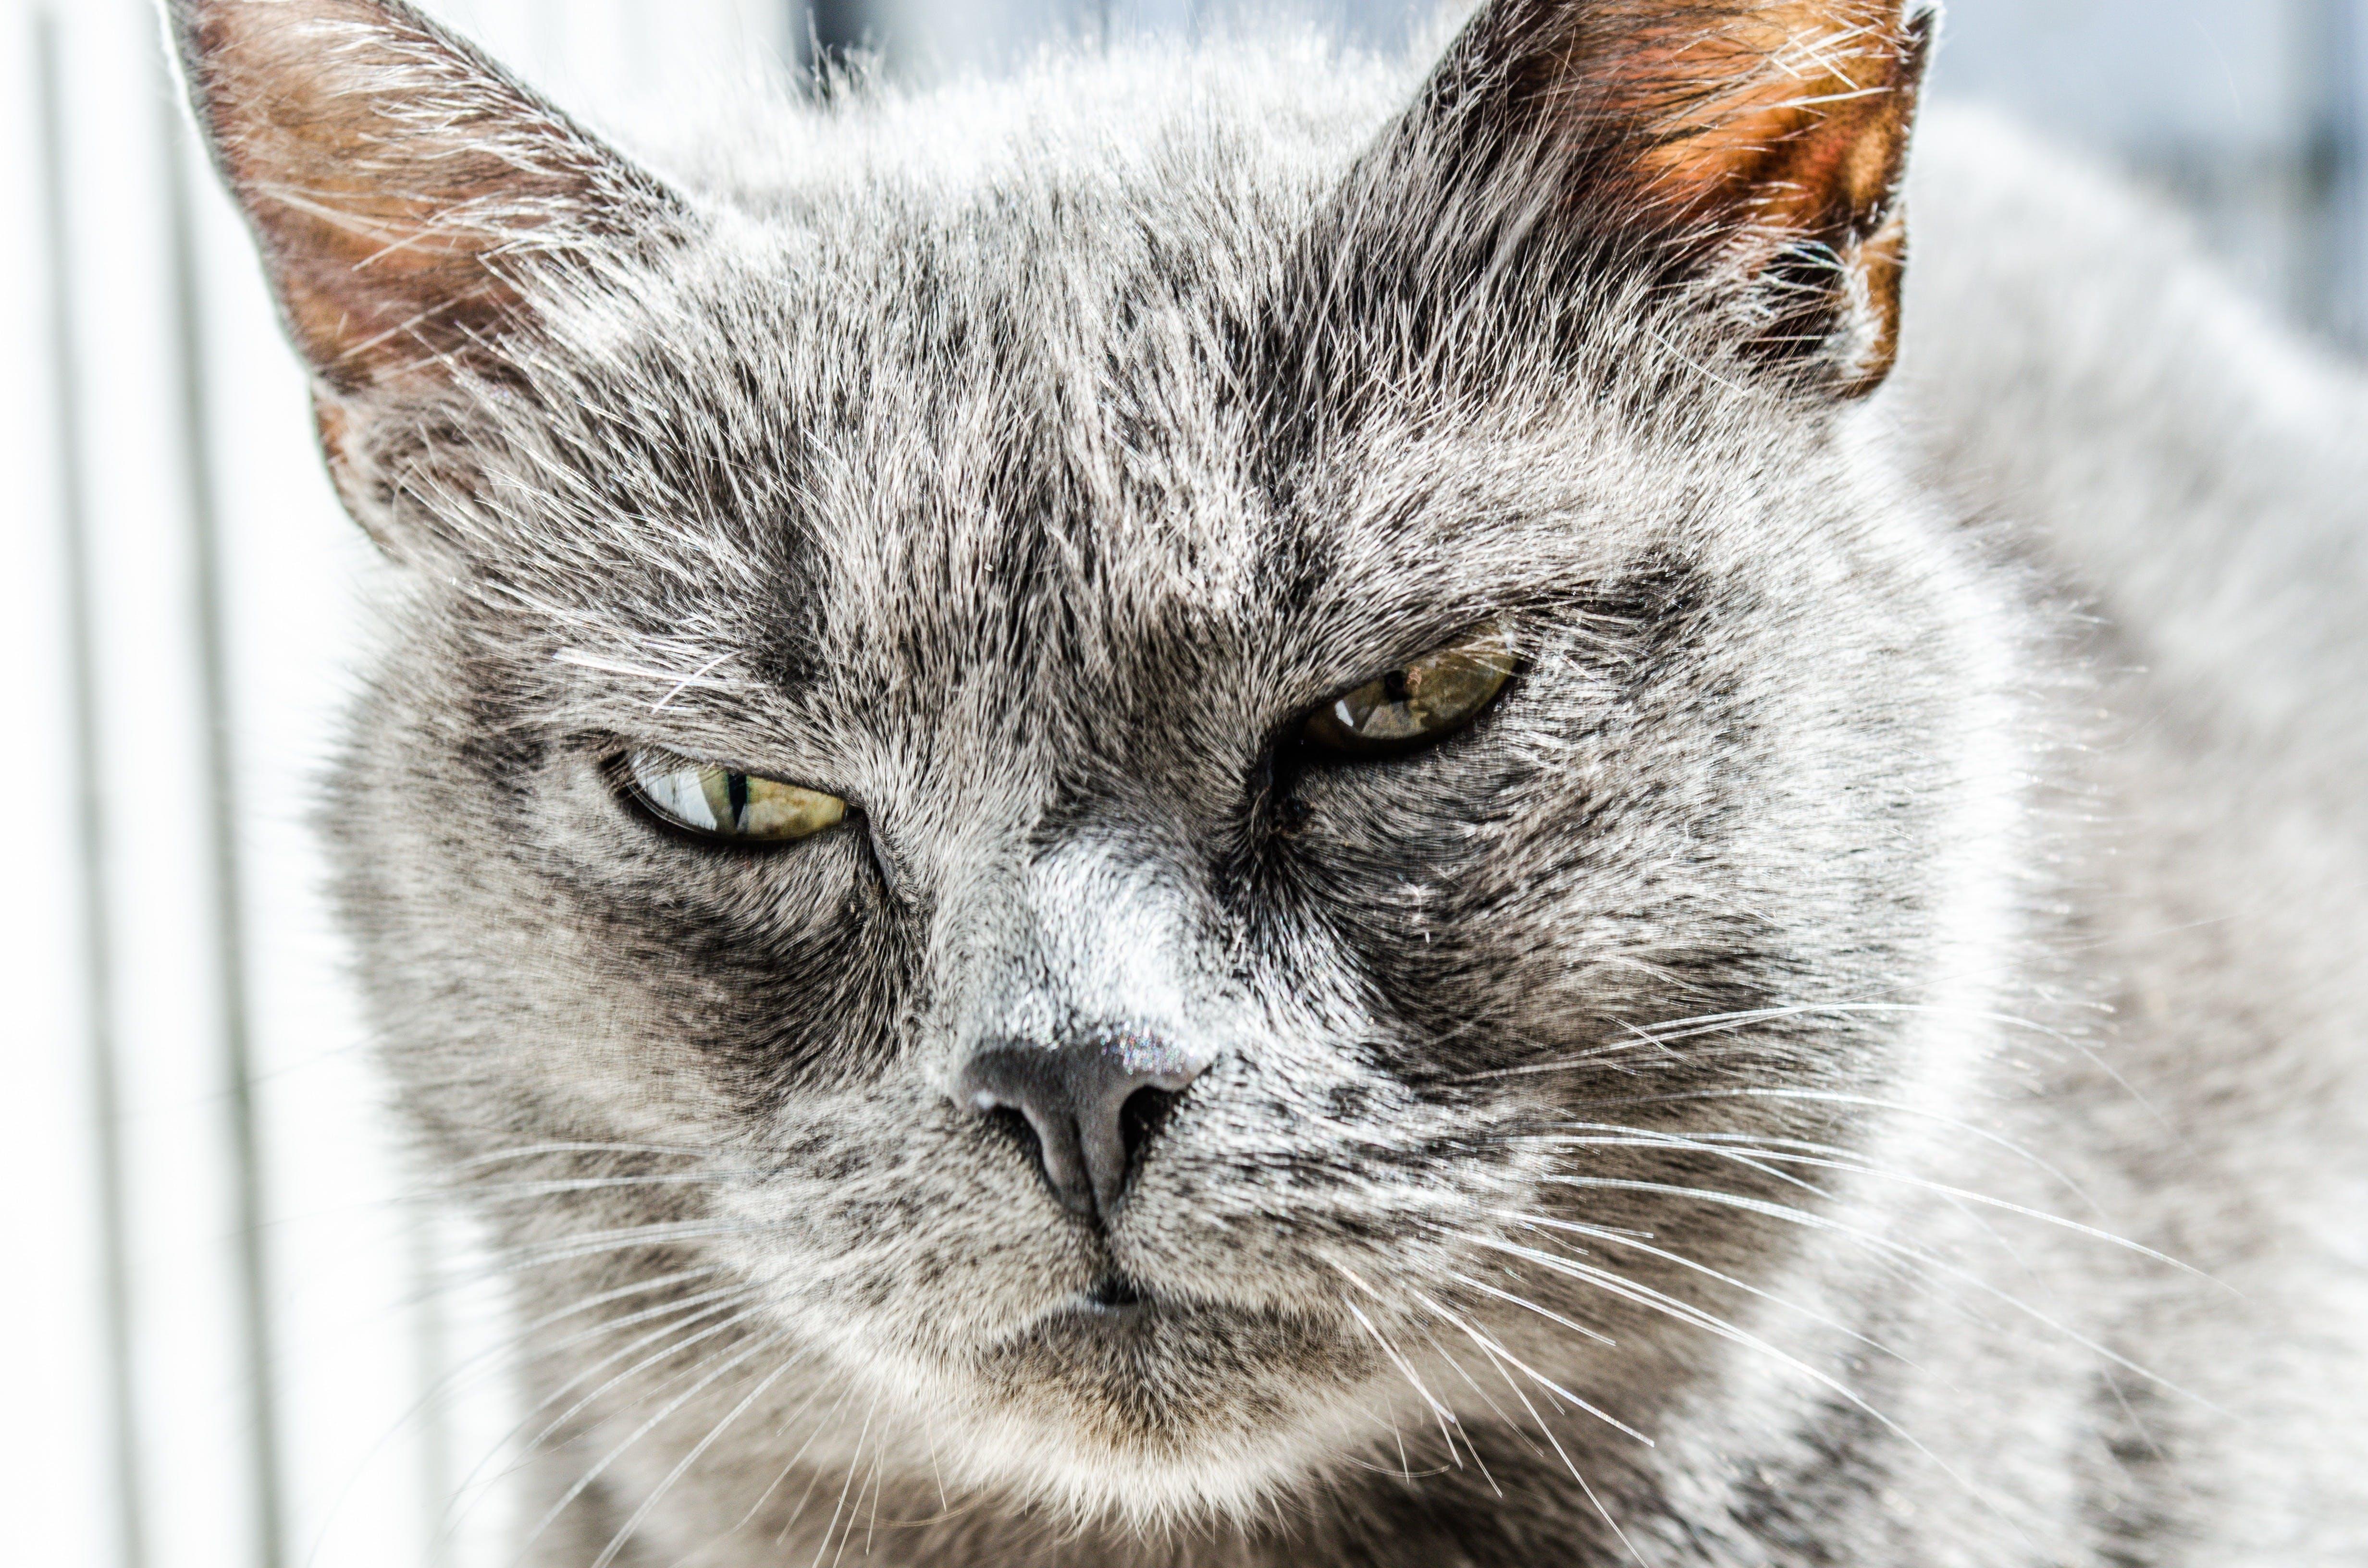 Základová fotografie zdarma na téma domácí mazlíček, kočka, kočkovití, vousky